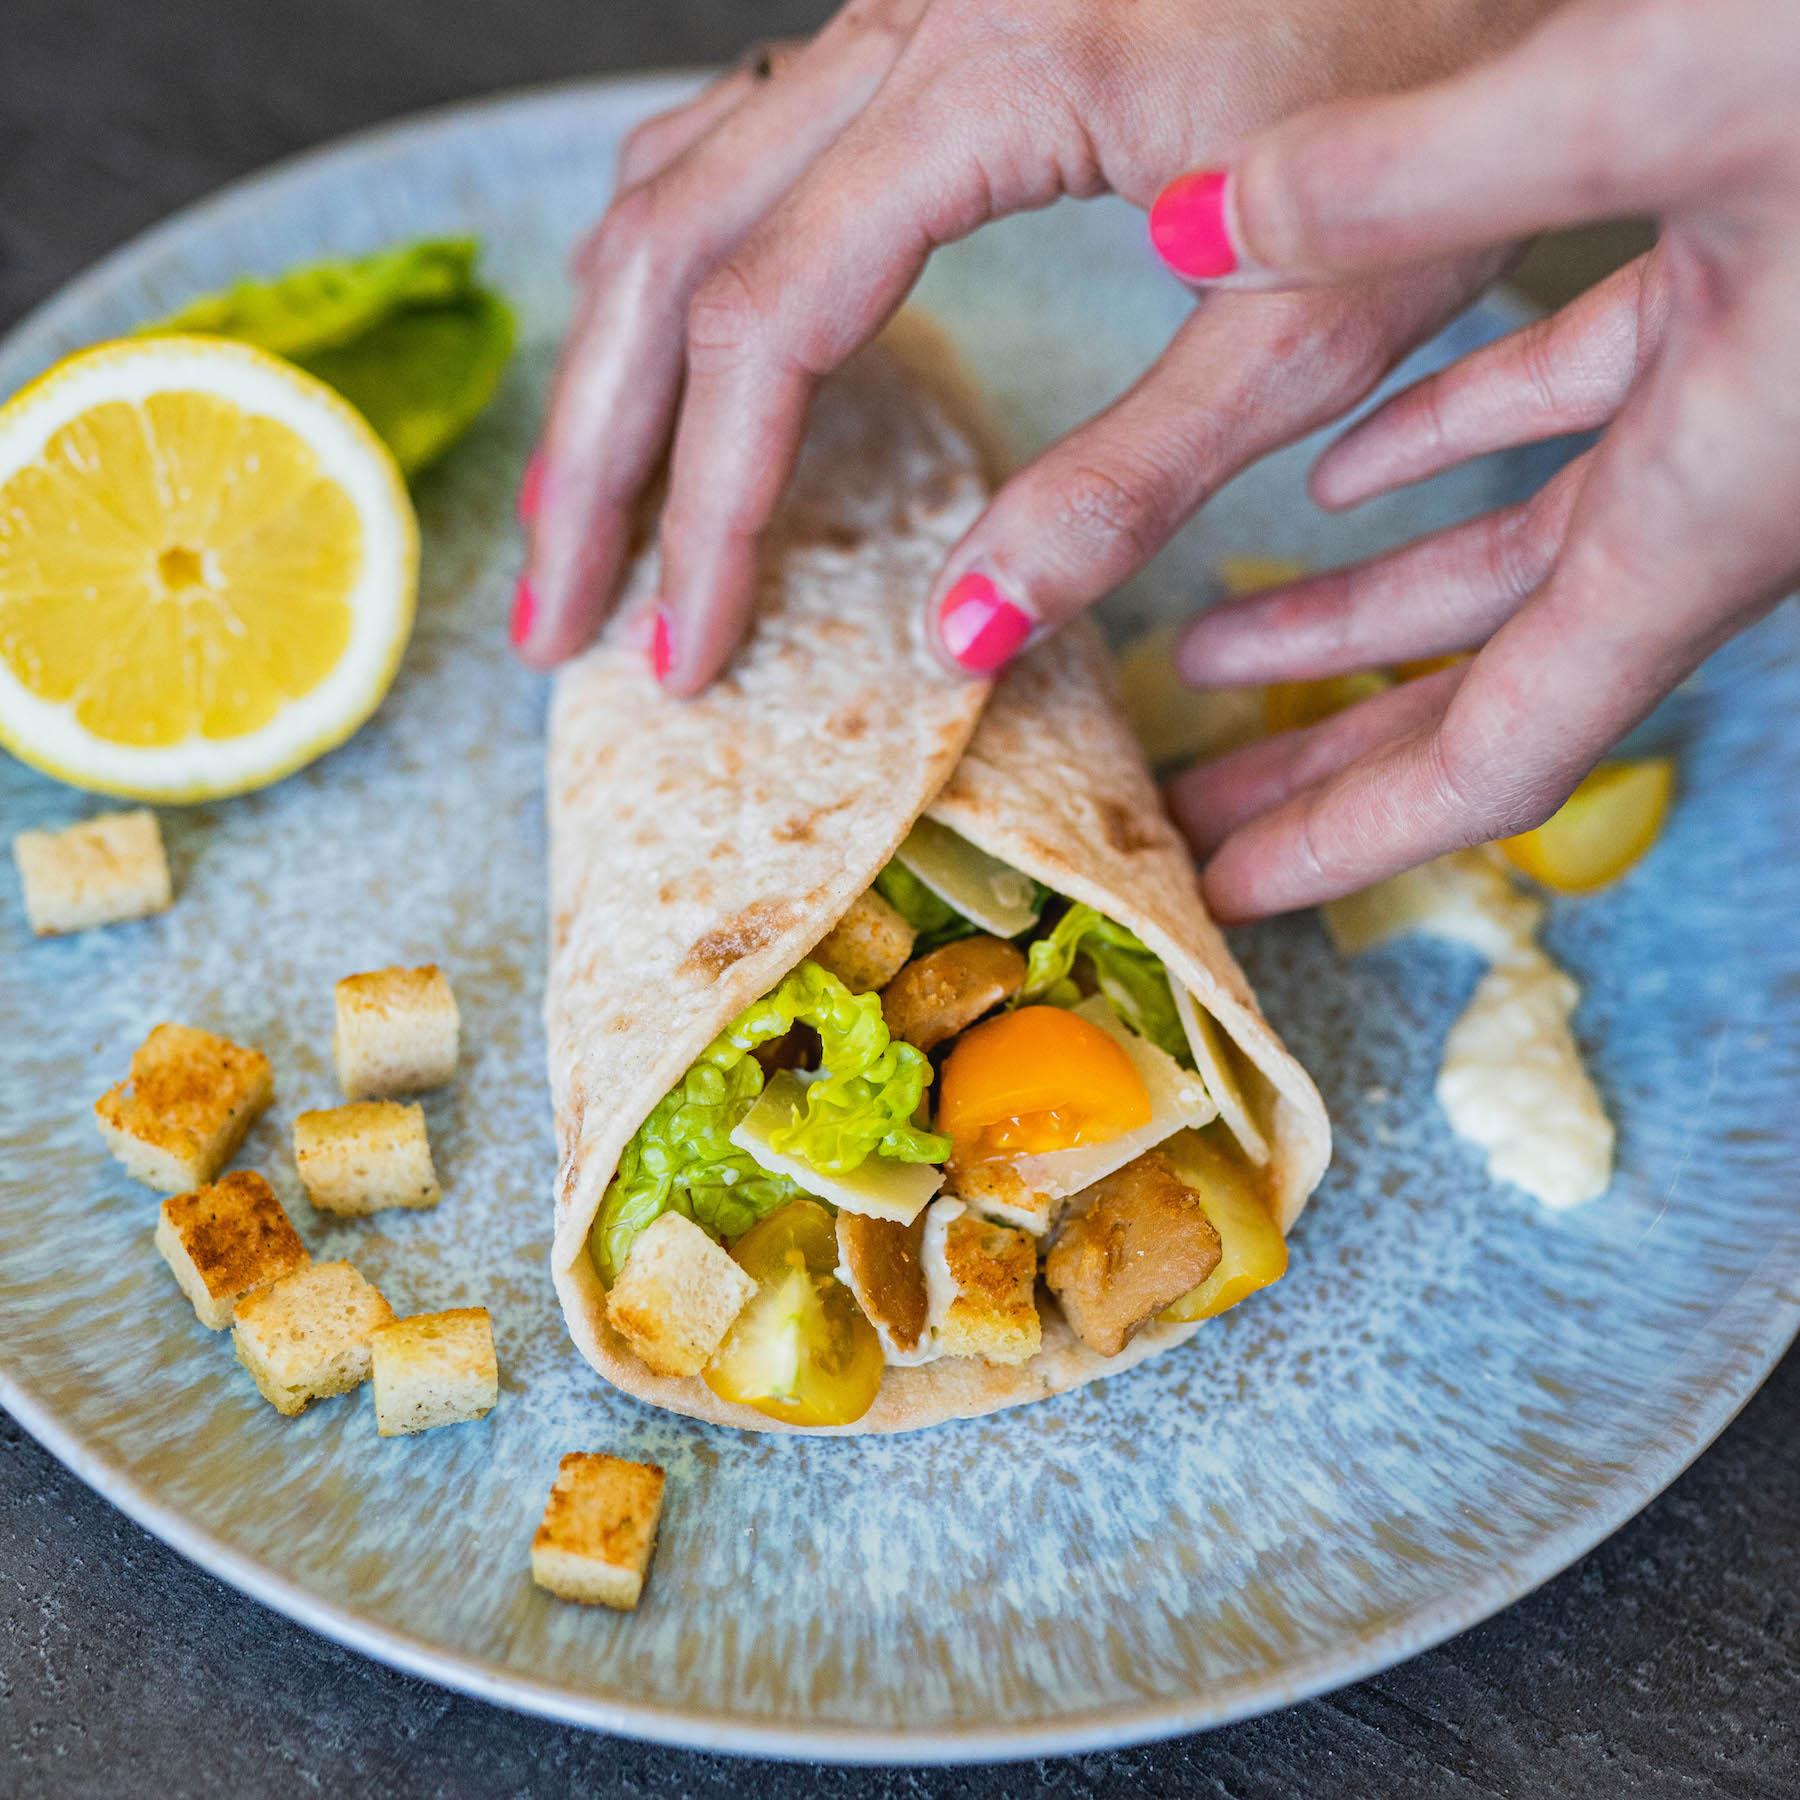 vegetarische caesar salad wraps glutenfrei suelovesnyc_susan_fengler_rezept_vegetarische_caesar_wraps_glutenfrei_schaer_1